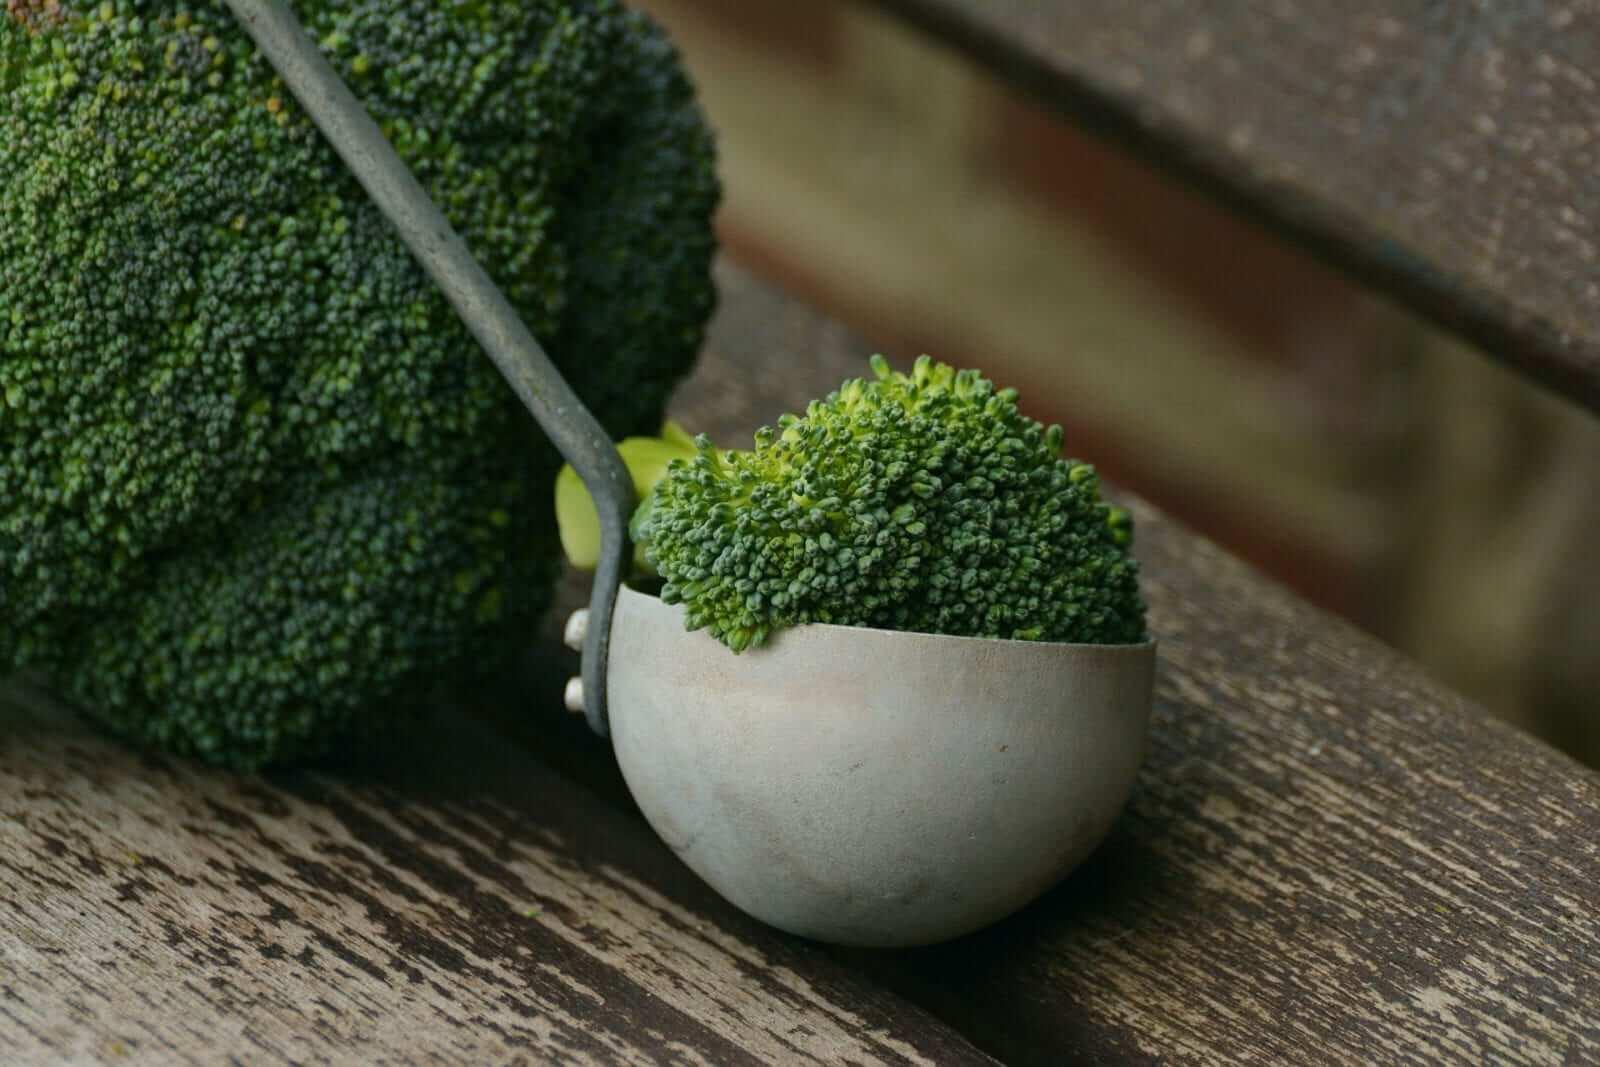 kalziumreiche Obst, Gemüse und Salat